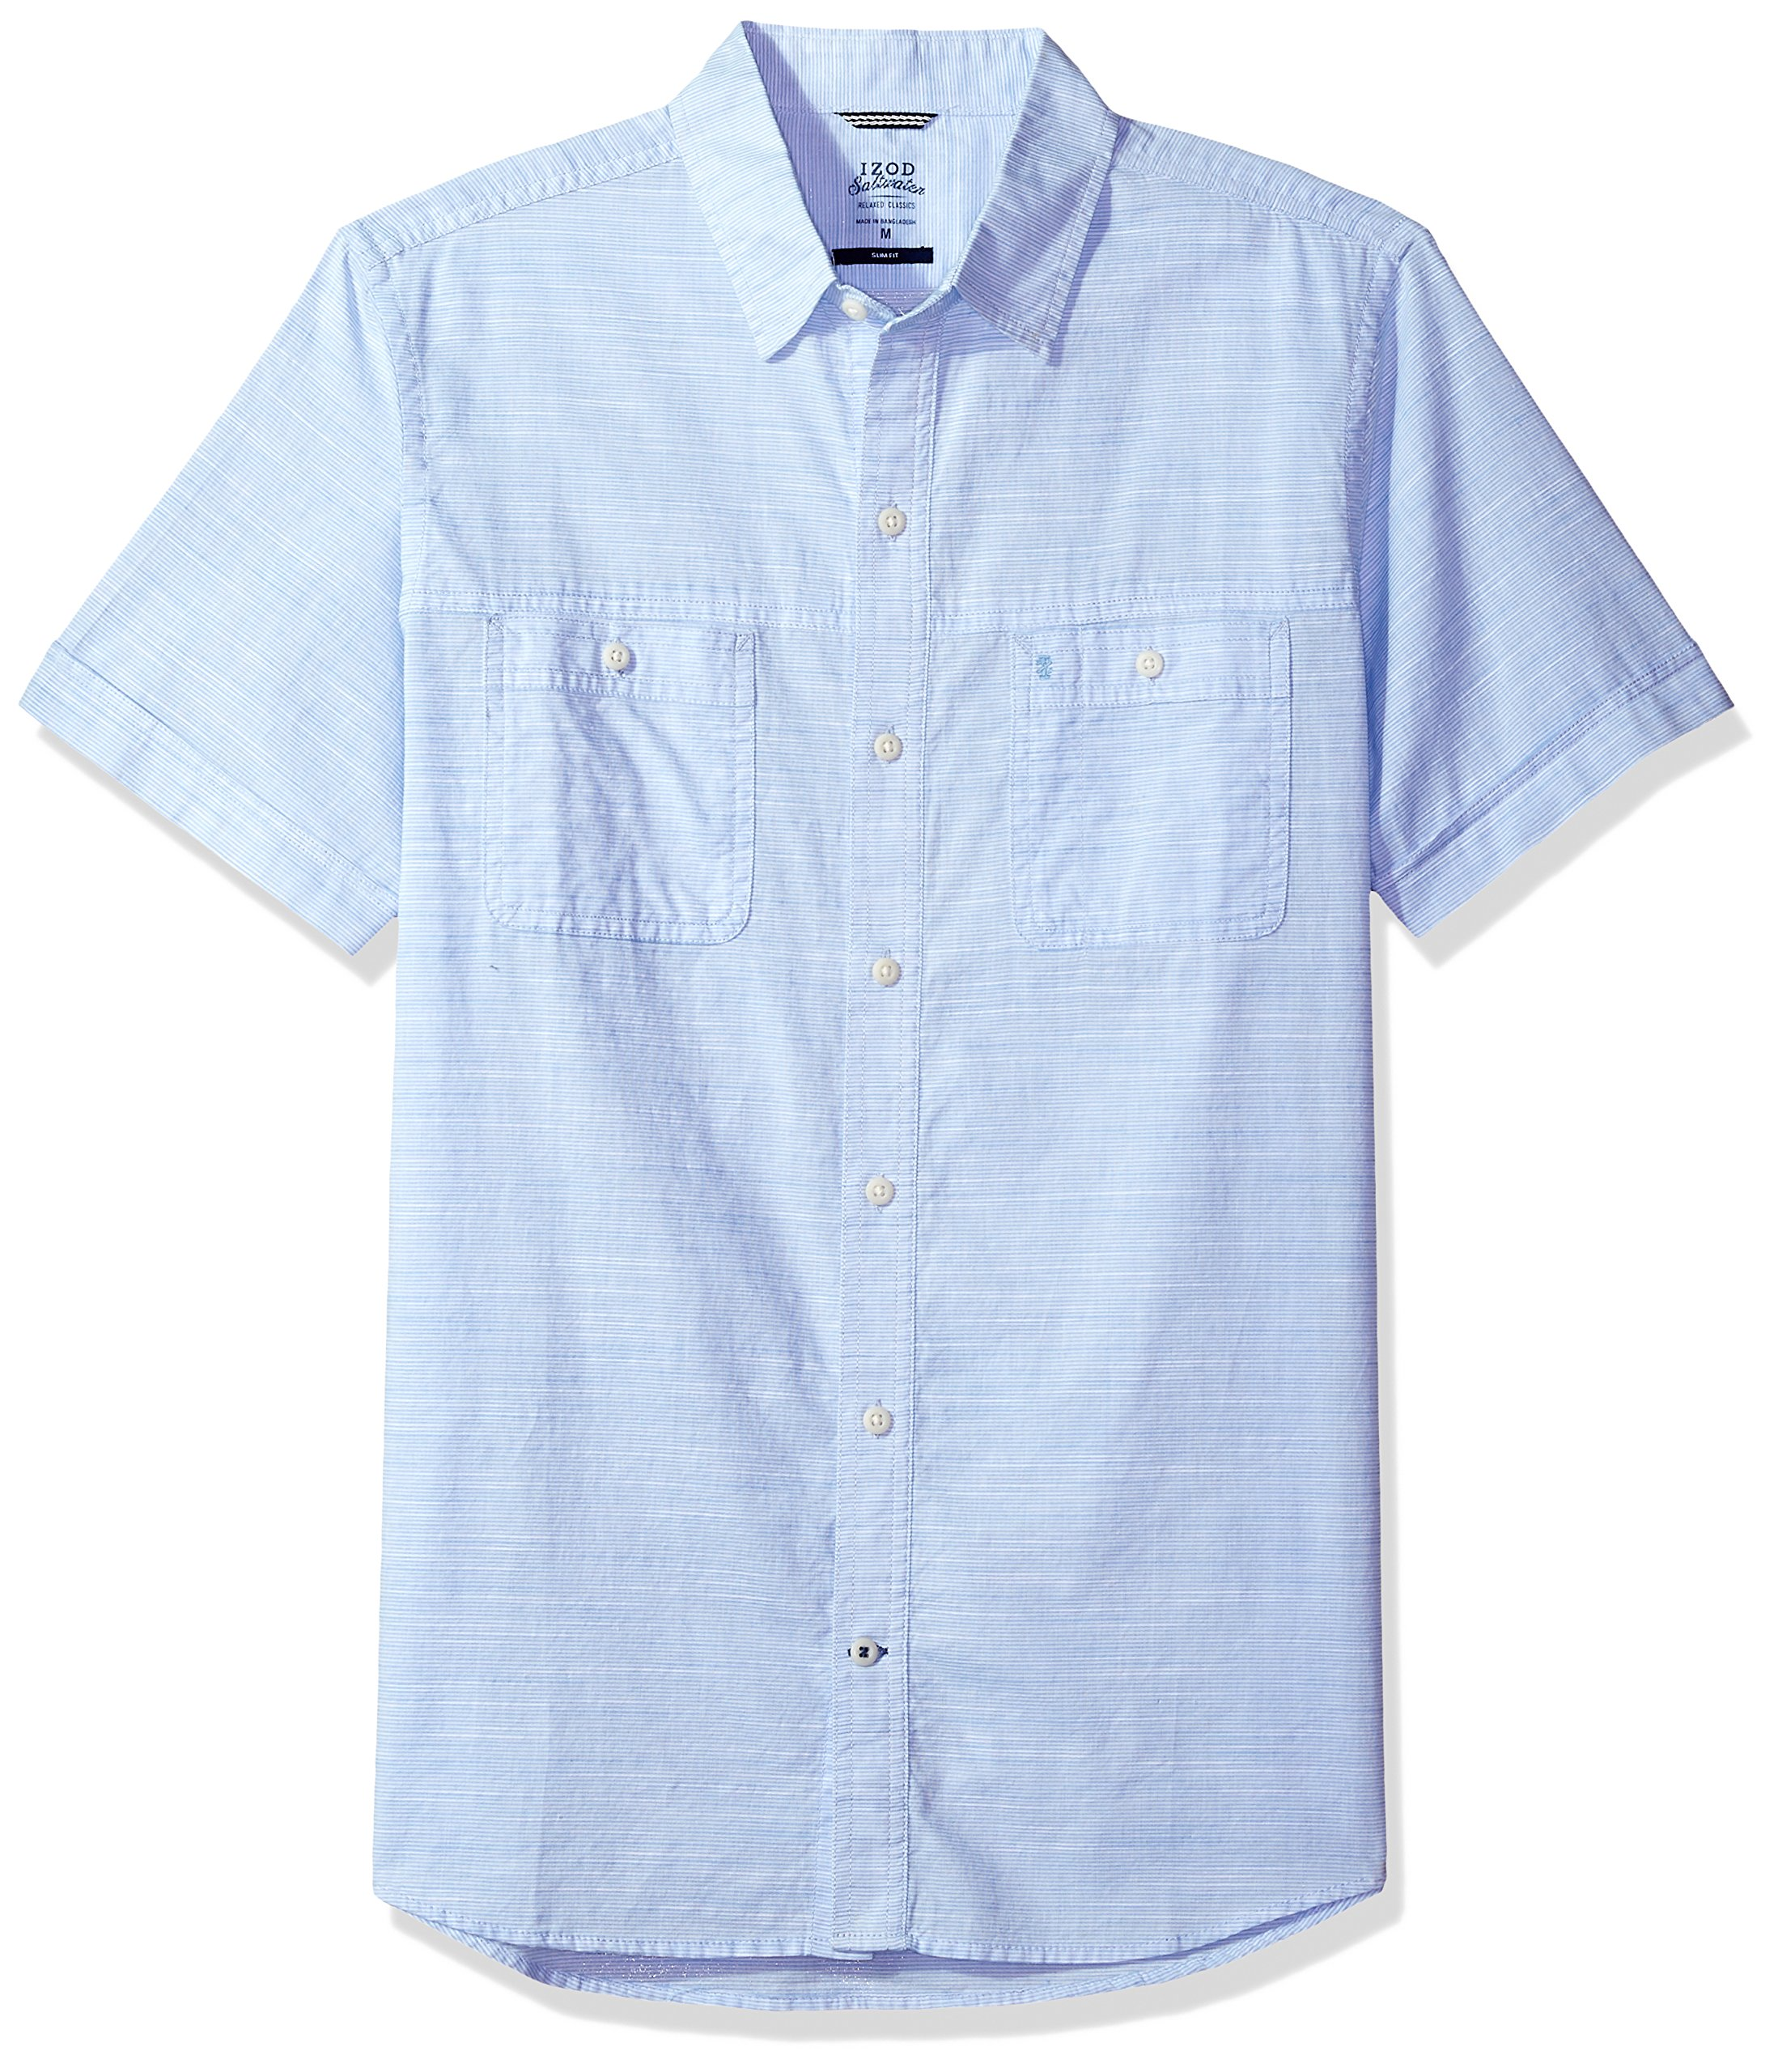 IZOD Men's Saltwater Dockside Chambray Solid Short Sleeve Shirt (Regular Fit), Little Boy Blue, Large Slim